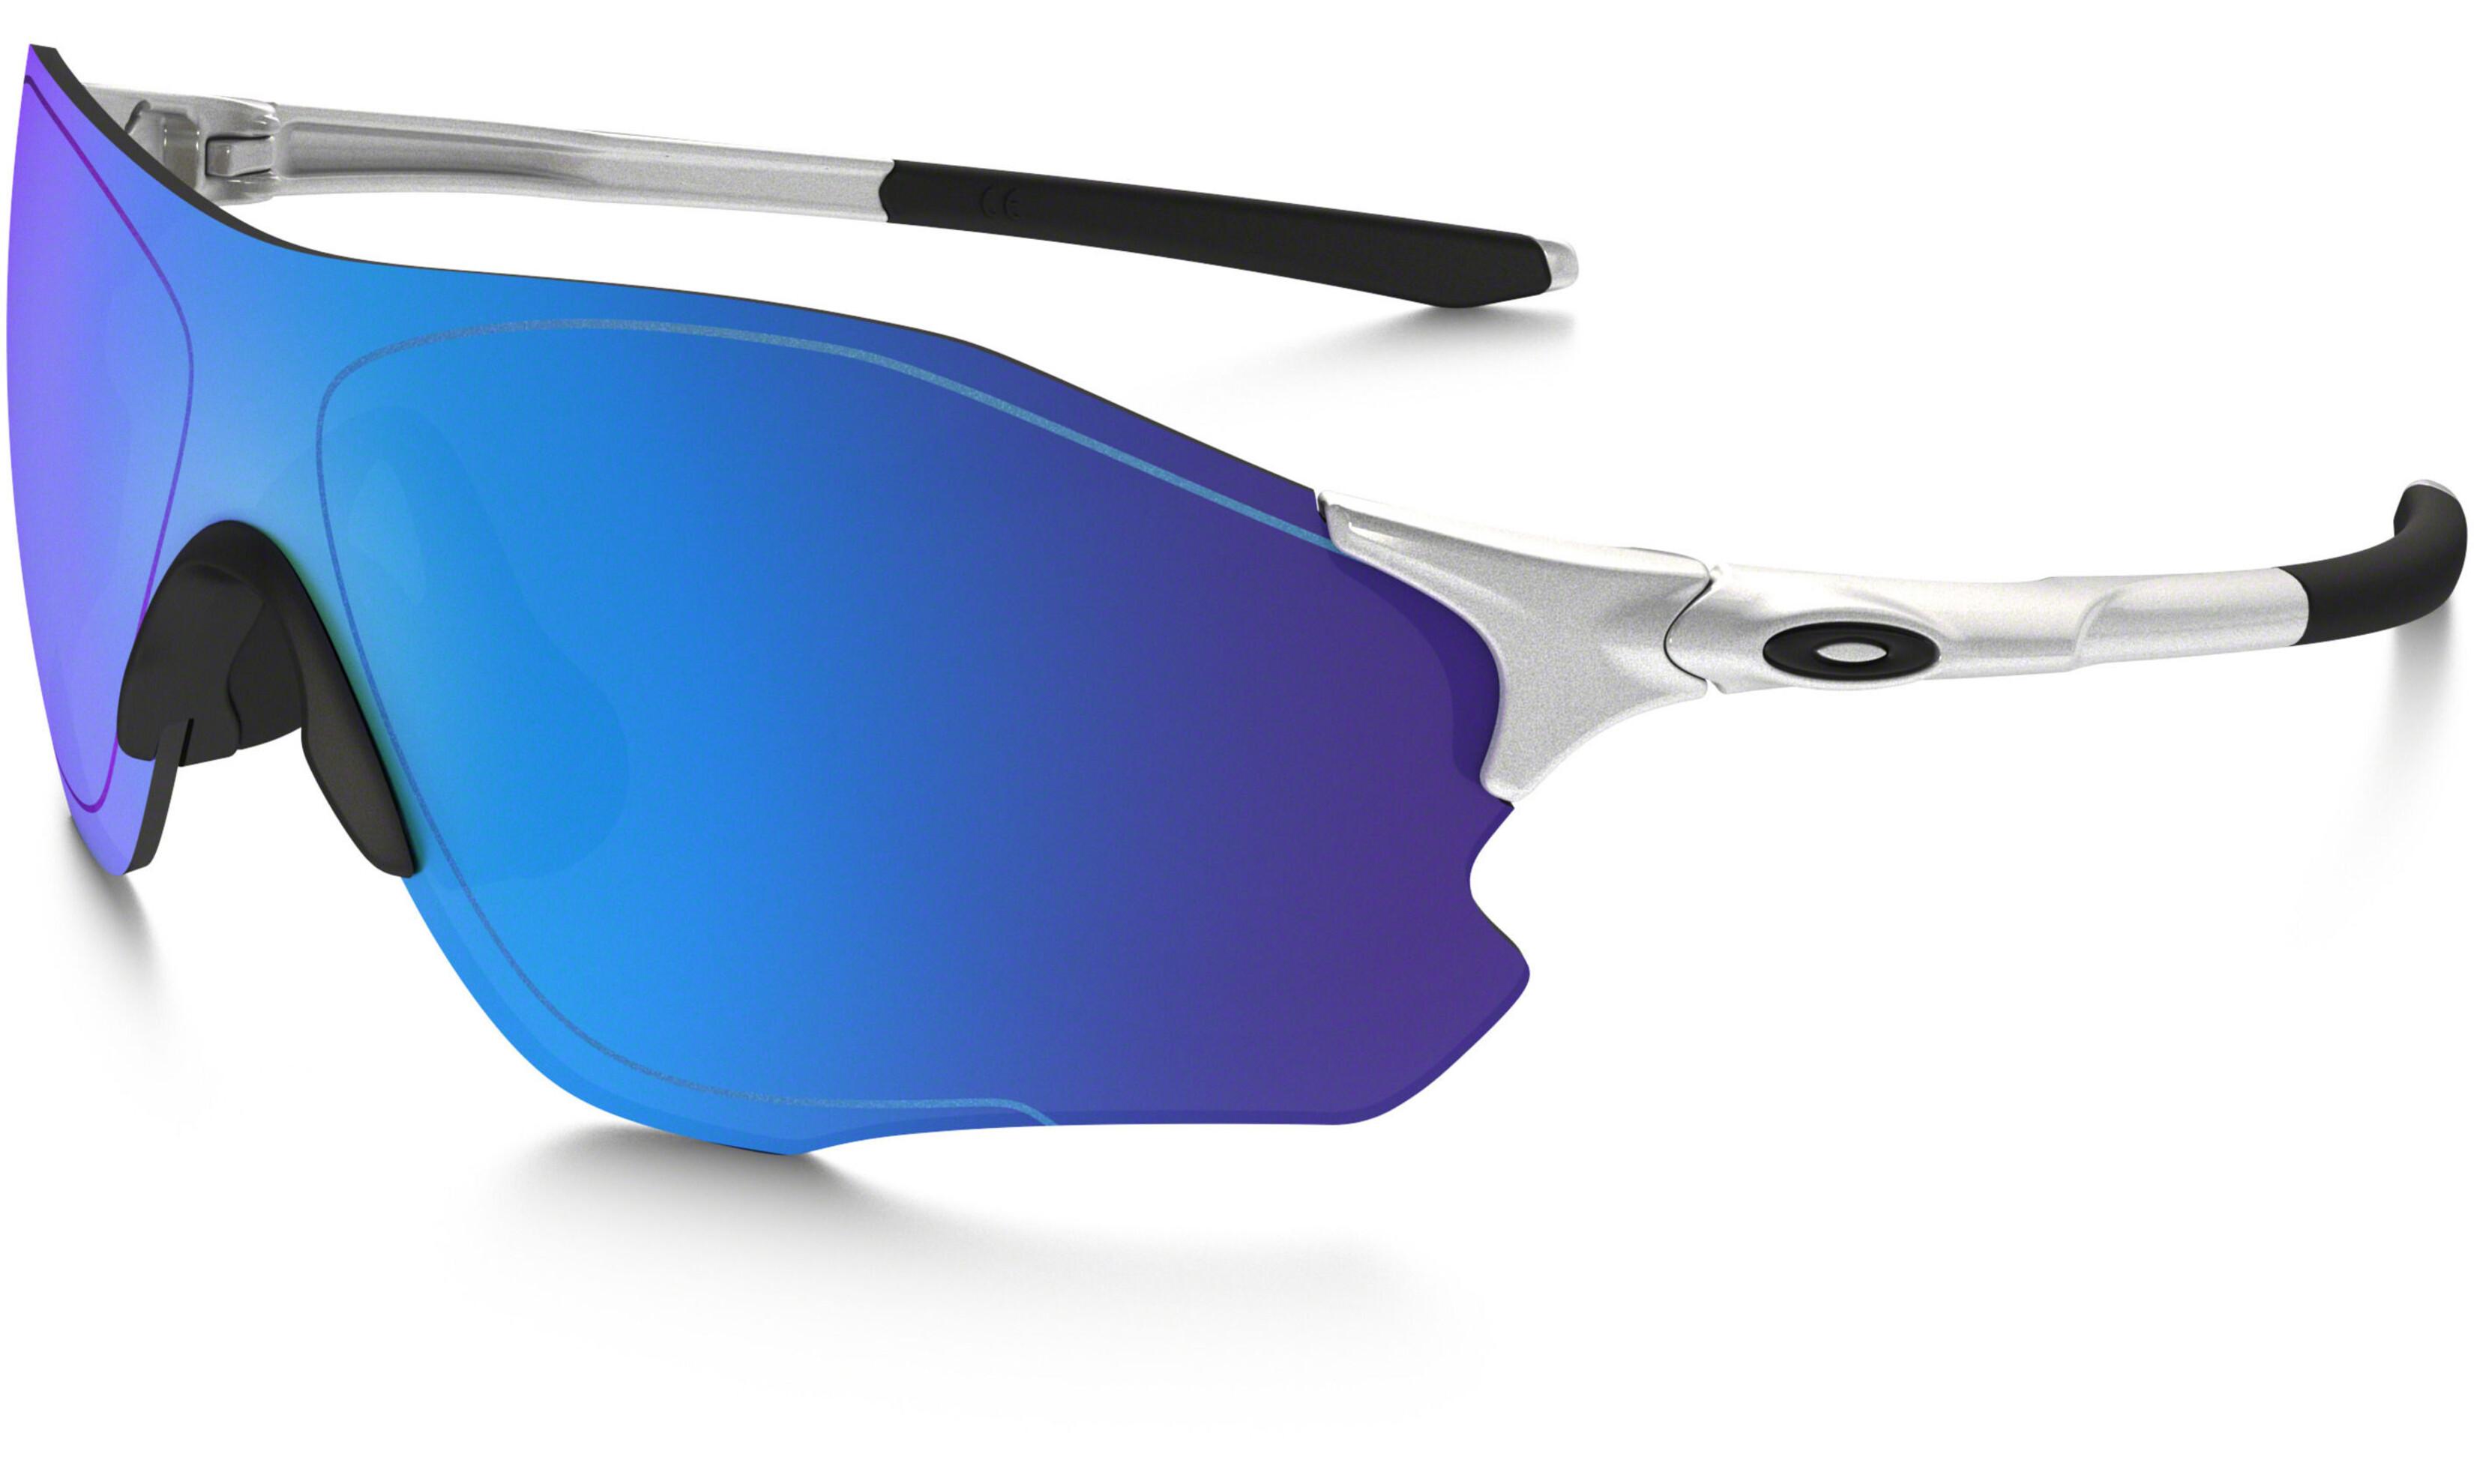 Oakley Evzero Path - Gafas ciclismo - azul Plateado   Bikester.es 8abc1cd99f